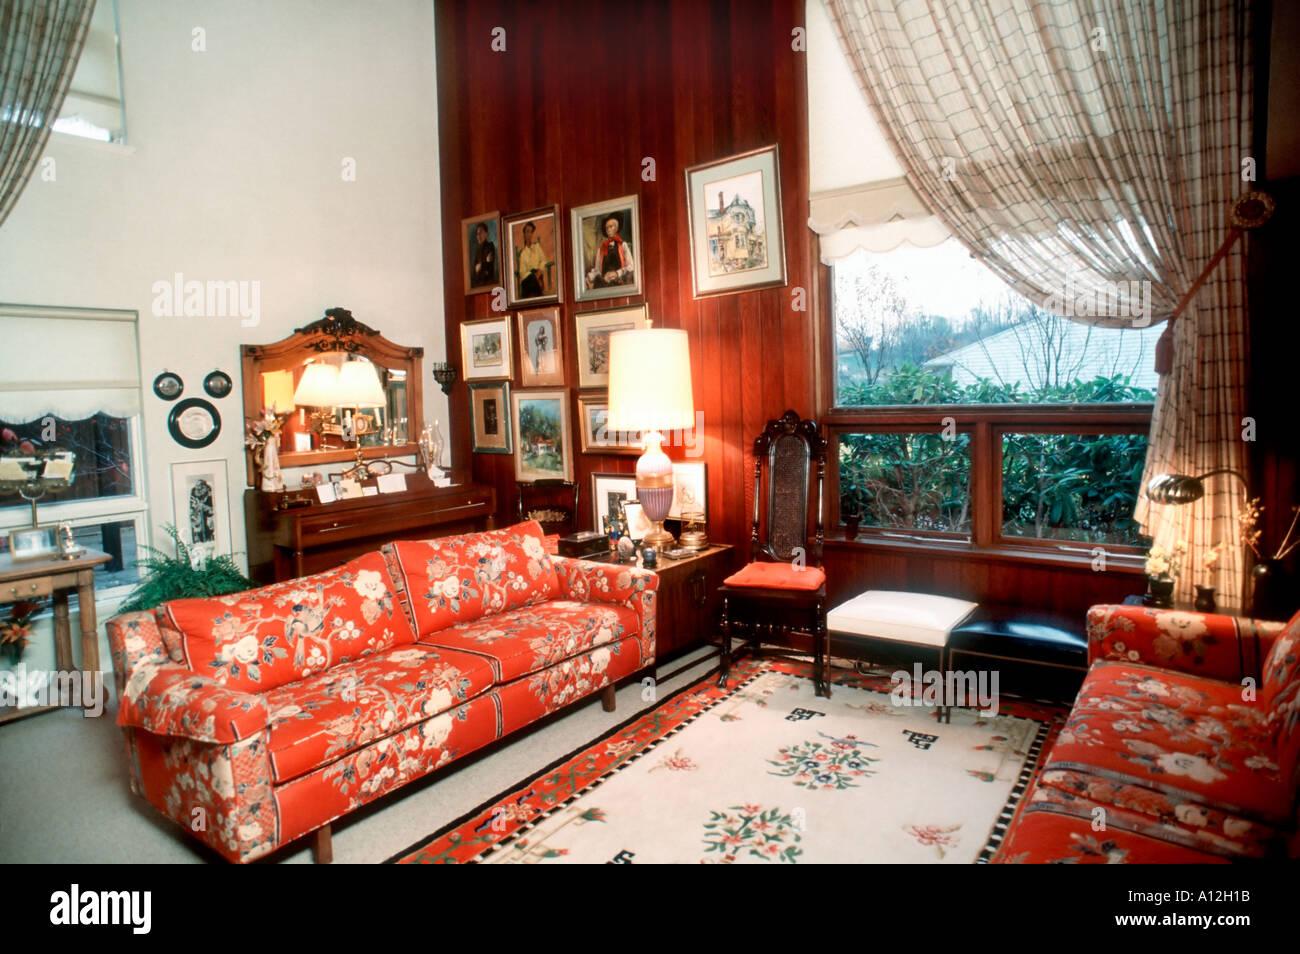 Innenarchitektur Usa pittsburgh pa usa einfamilienhaus in wohnzimmer innenarchitektur